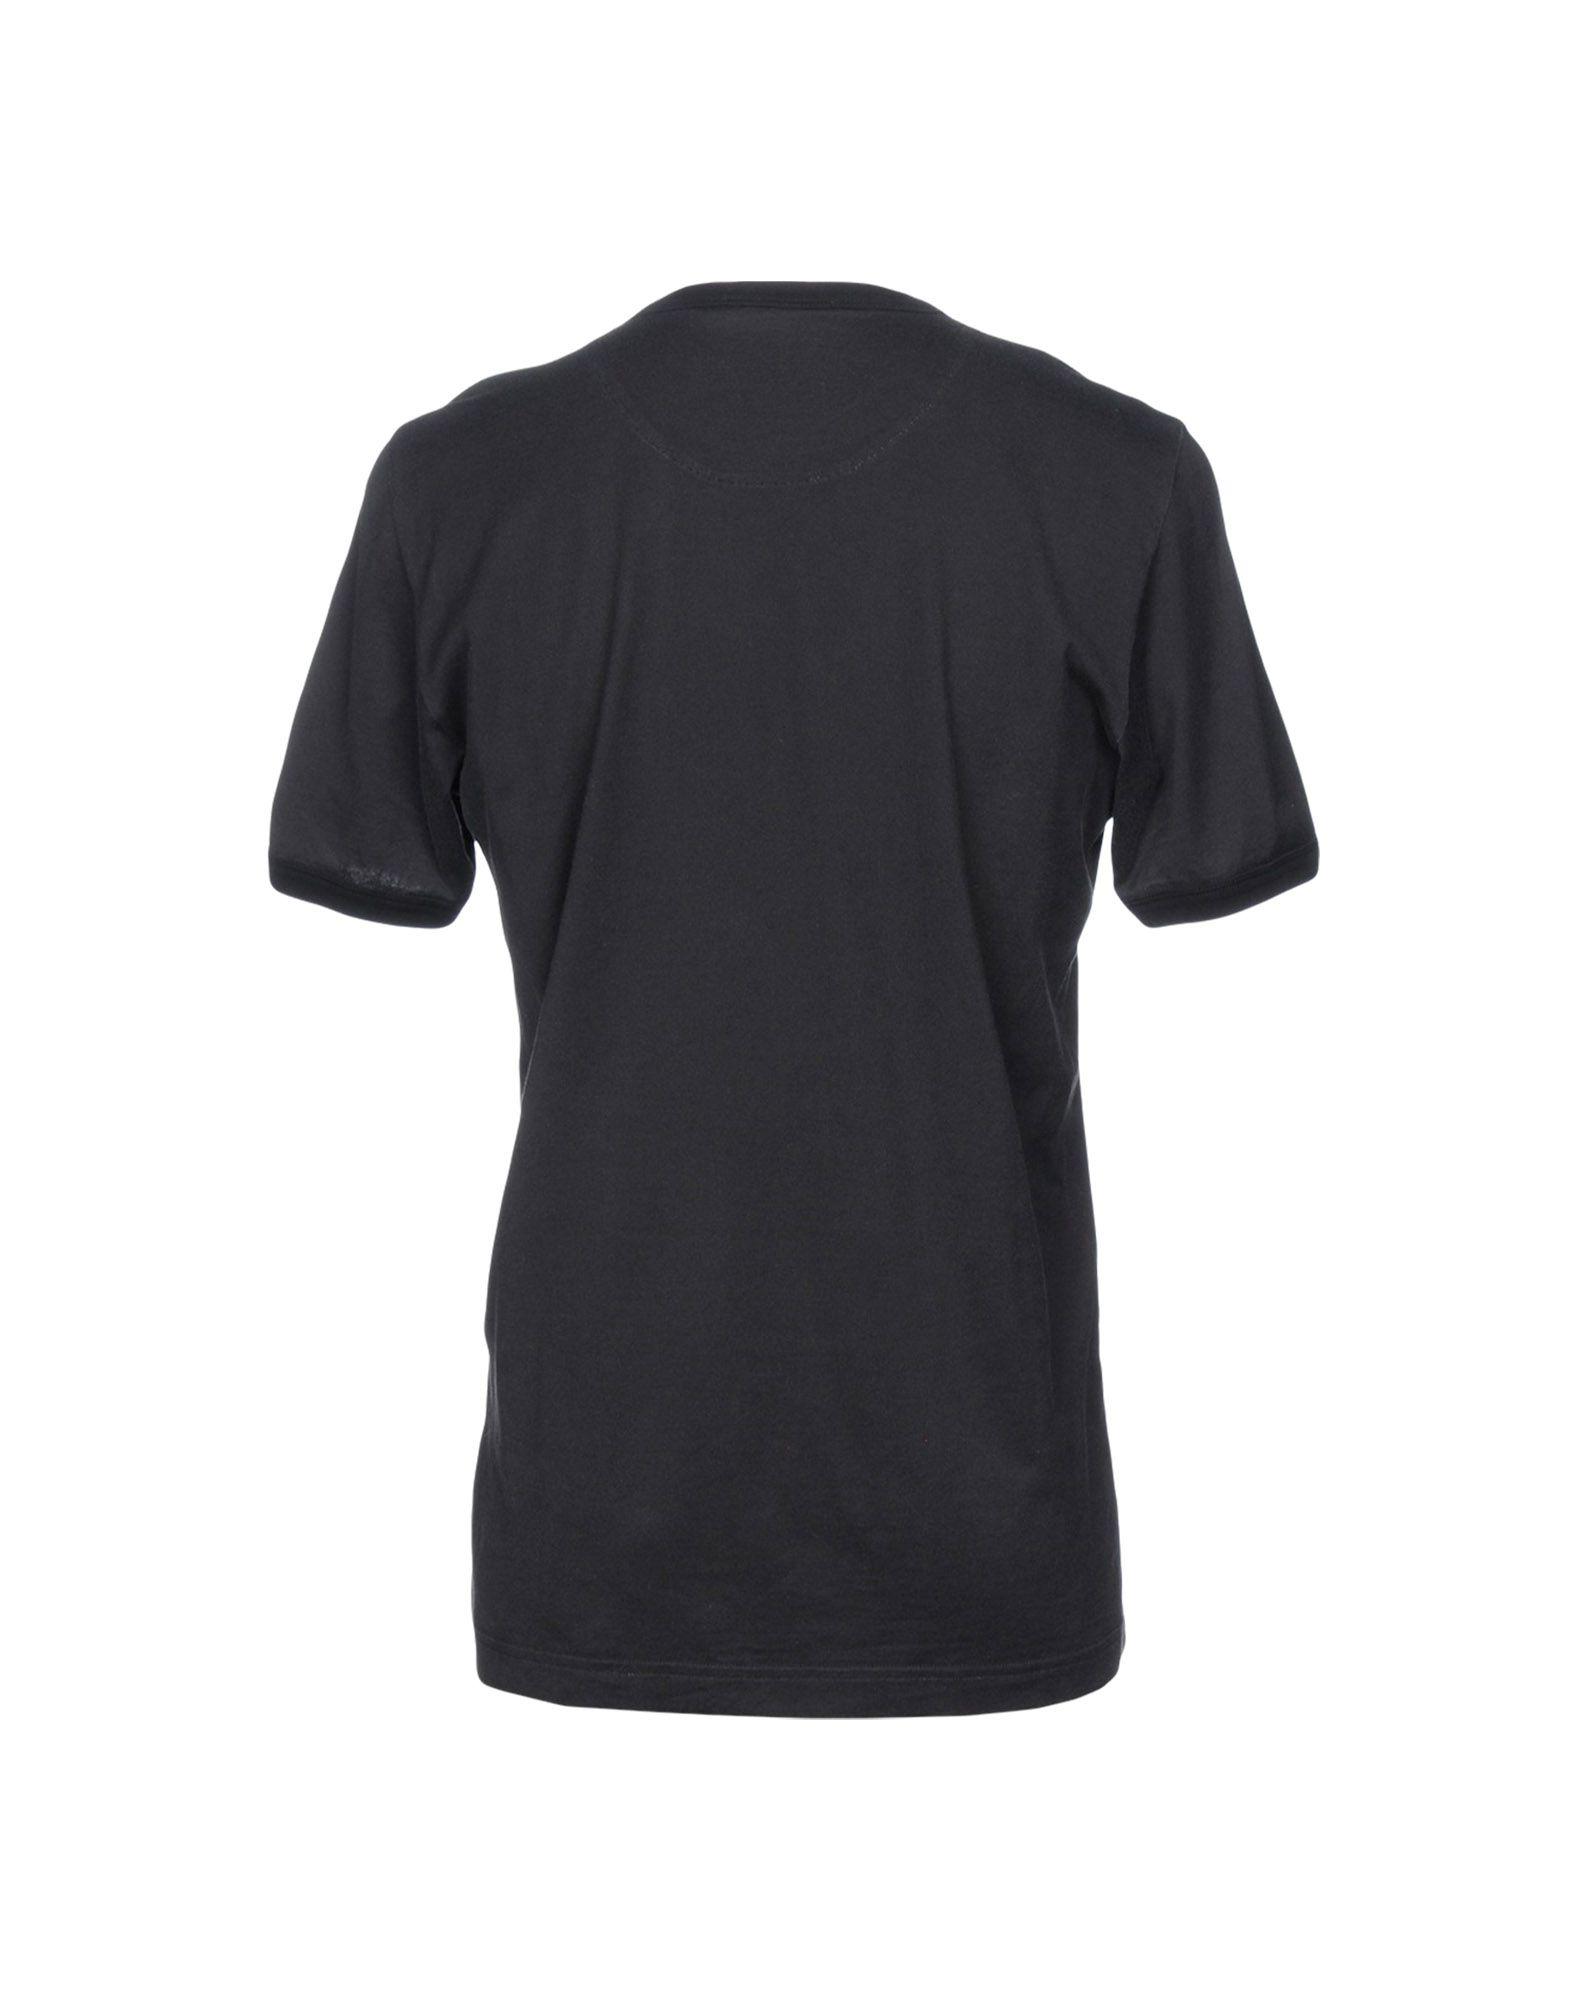 T-Shirt Dolce & Gabbana Gabbana & Uomo - 12168856PE a6044b